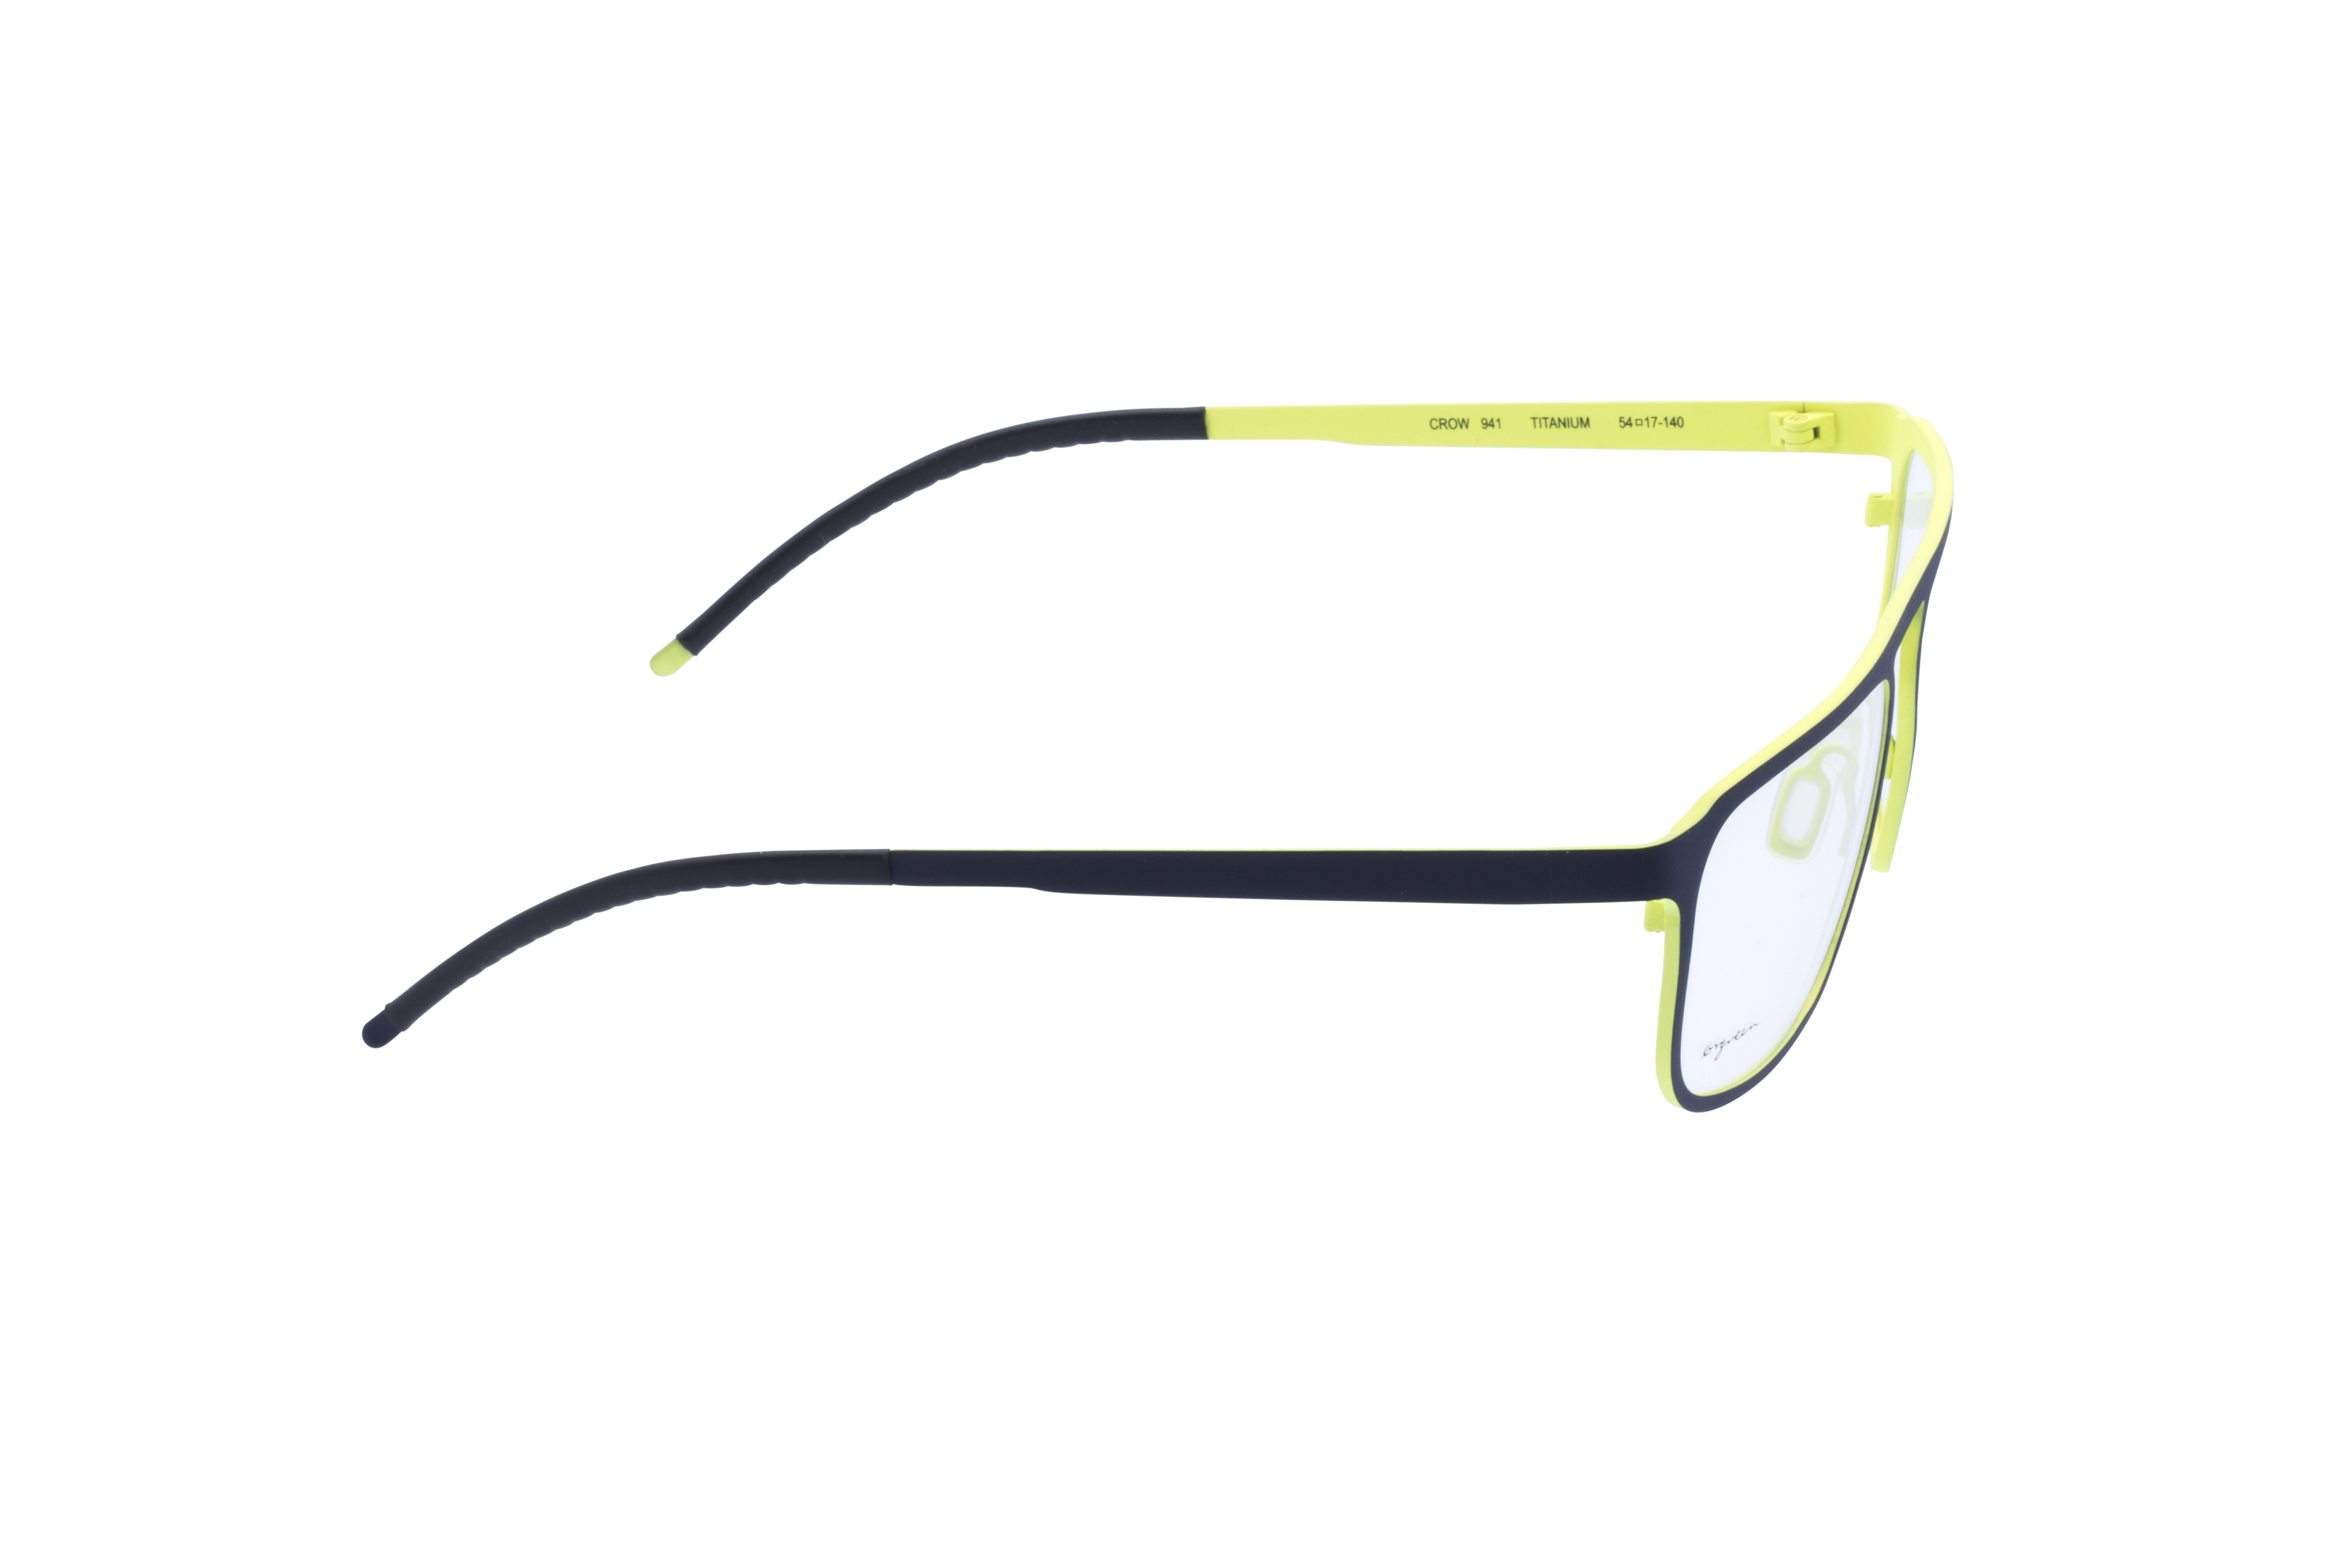 360 Grad Ansicht 5 Orgreen Crow, Brille auf Weiß - Fassung bei KUNK